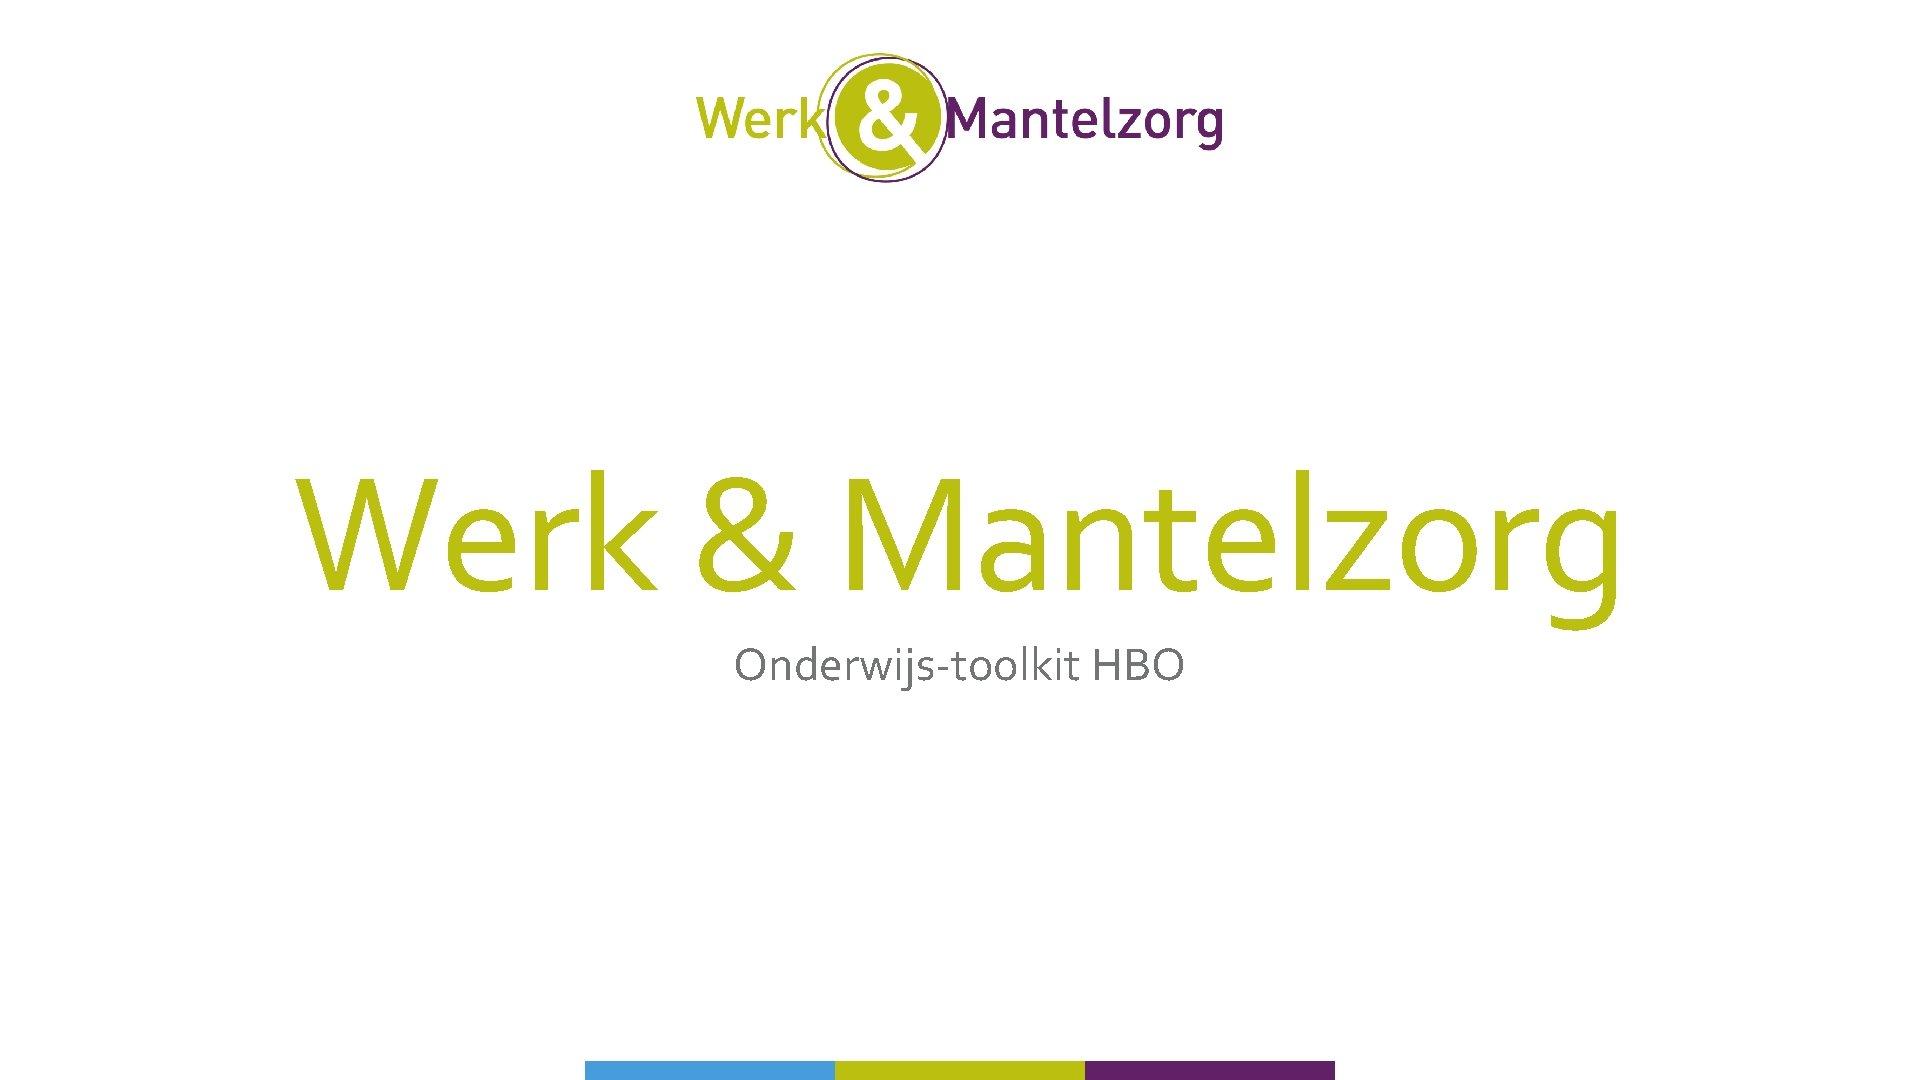 Werk & Mantelzorg Onderwijs-toolkit HBO